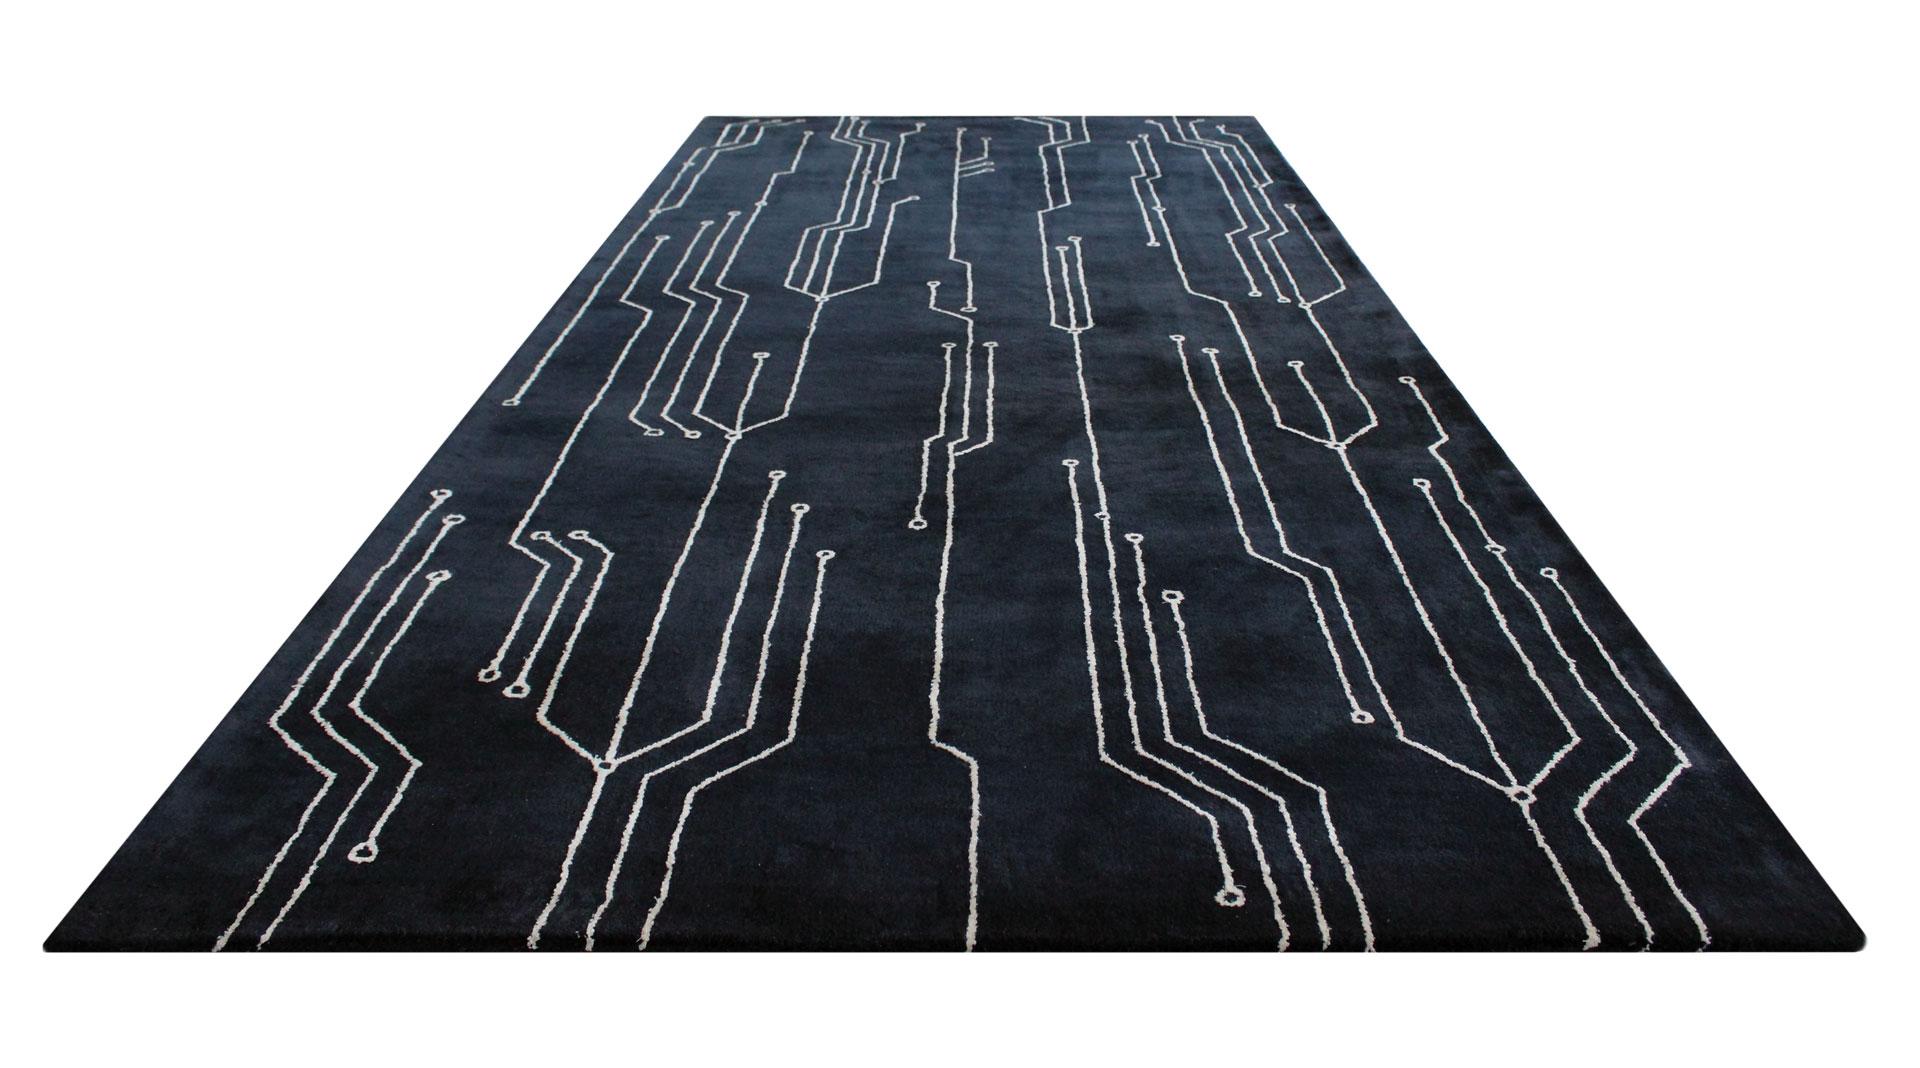 transistor rug